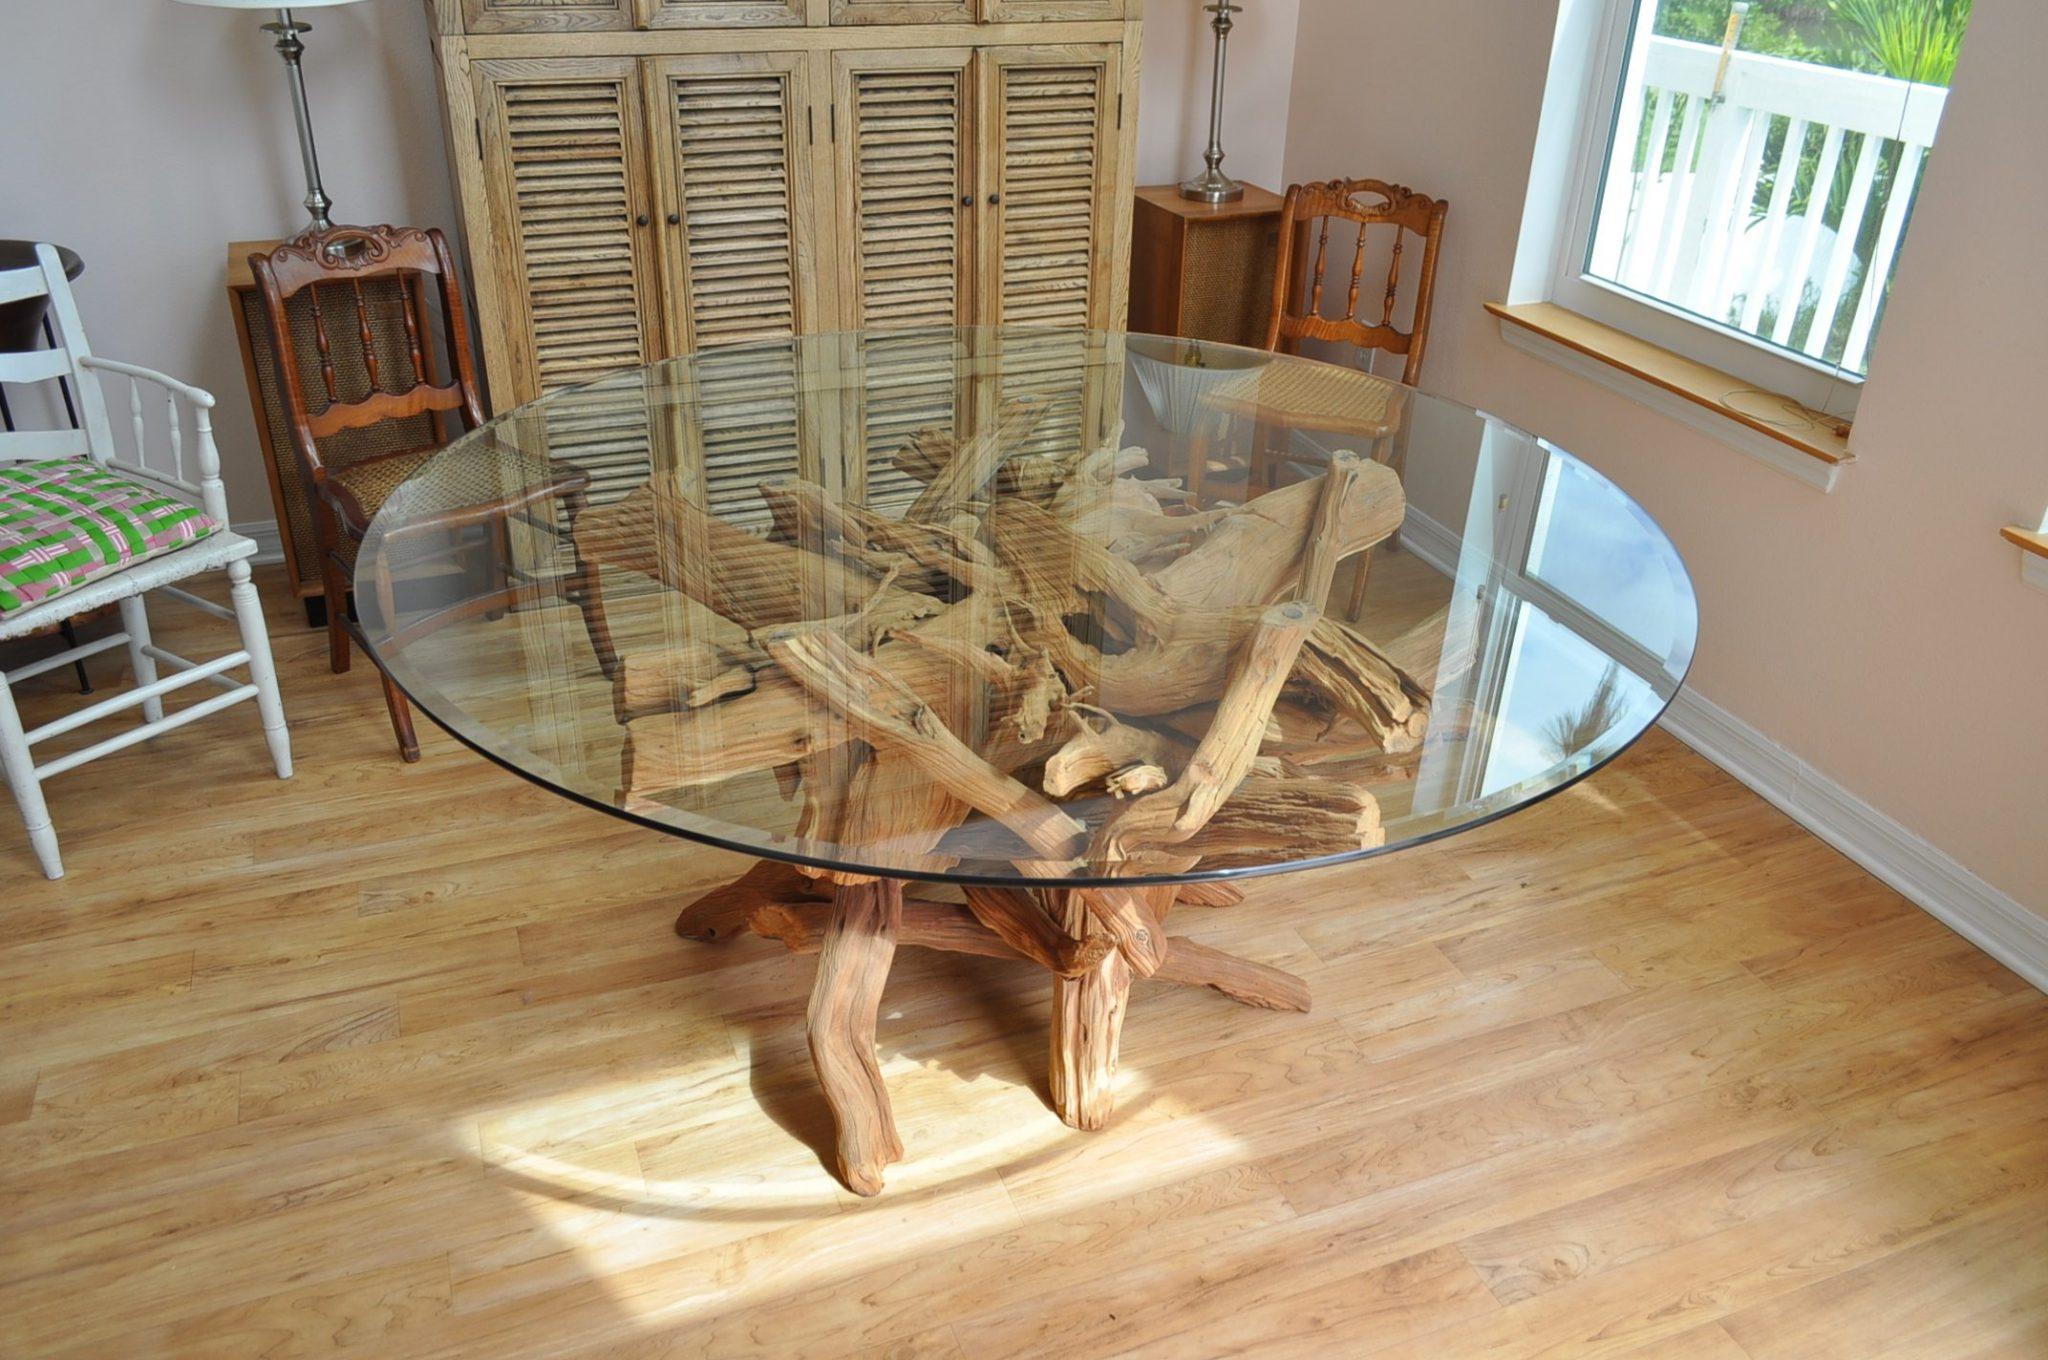 Englewood sandblasted dining table